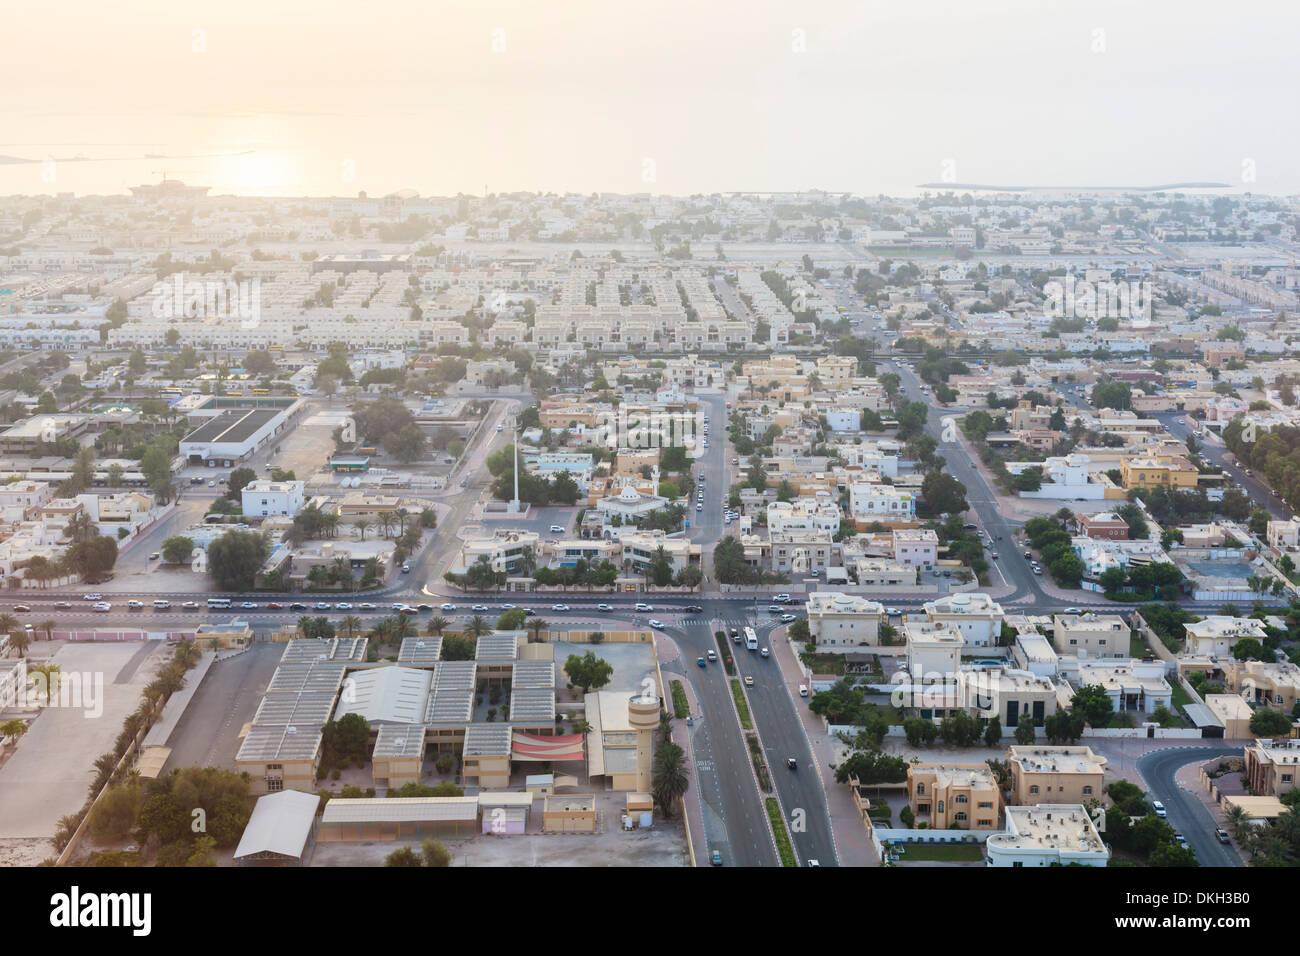 Cityscape, Dubai, United Arab Emirates, Middle East - Stock Image